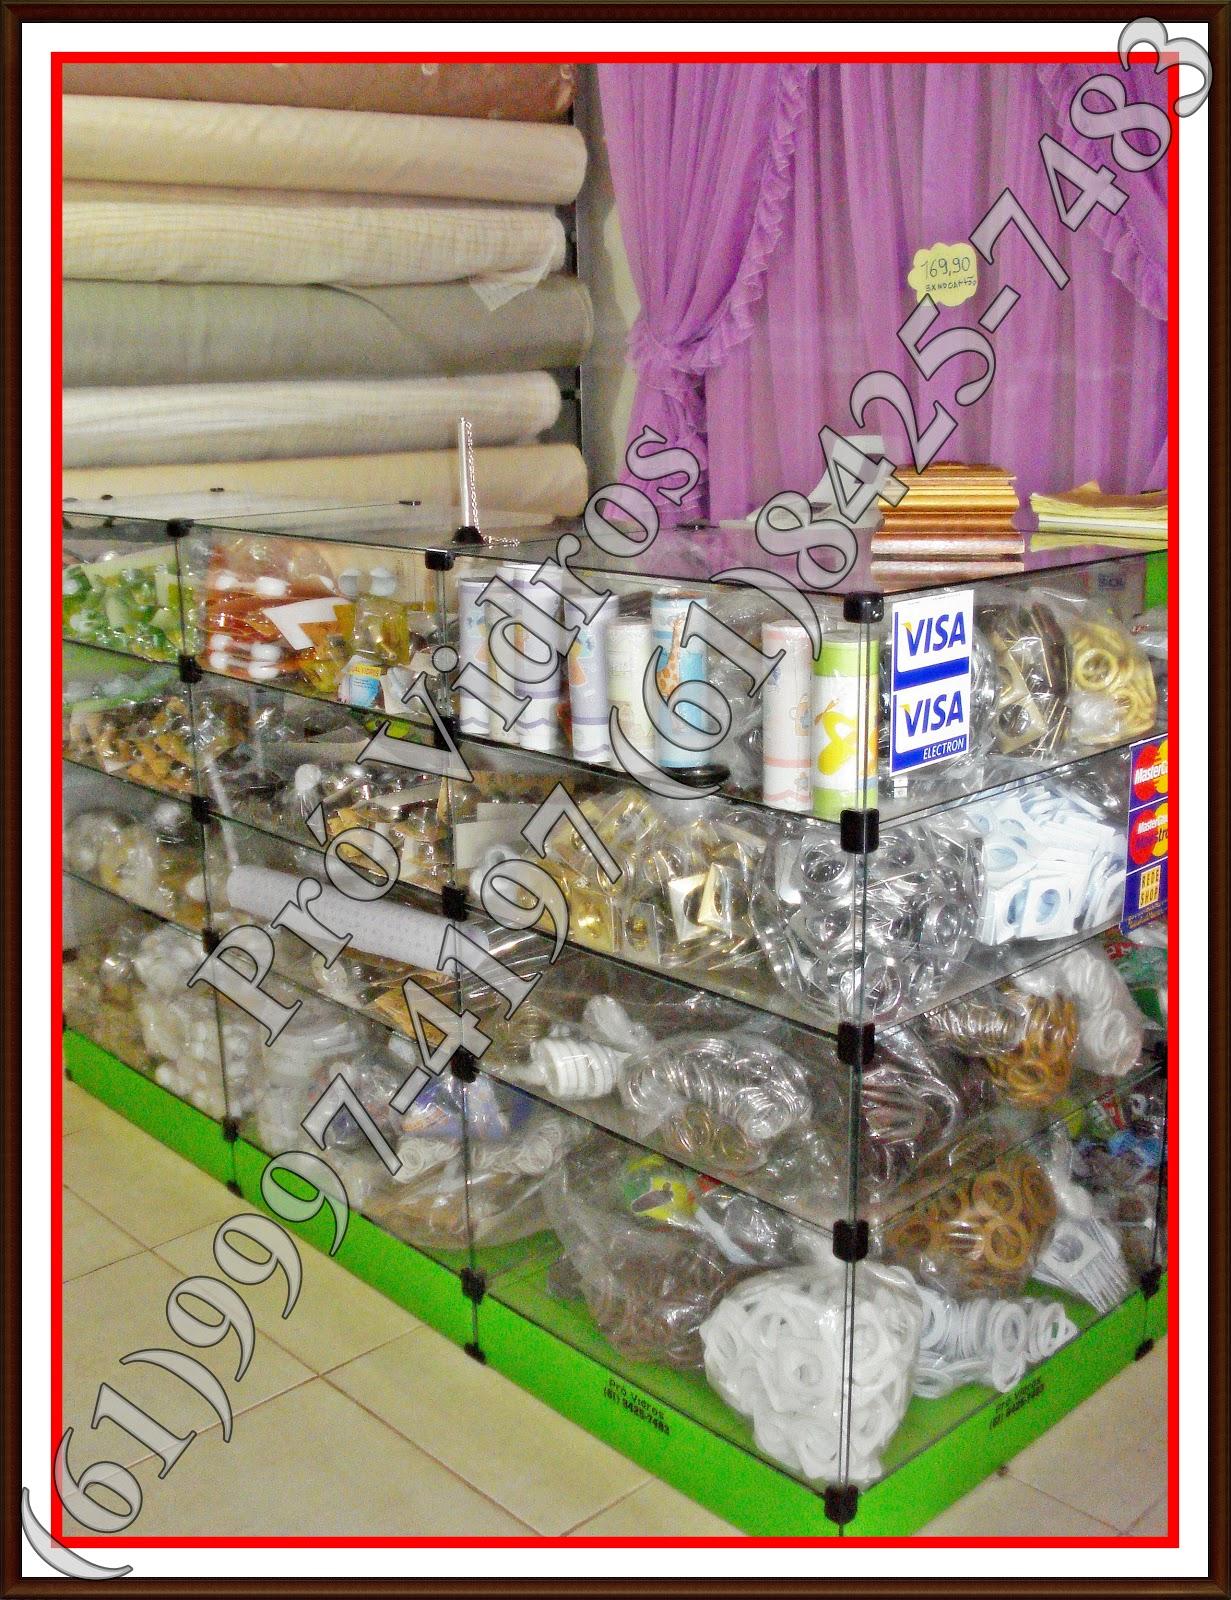 Imagens de #C10C0A  61 9612 6920 zap brasilia df tem a pronta entrega em brasilia no df 1231x1600 px 3552 Blindex Banheiro Df